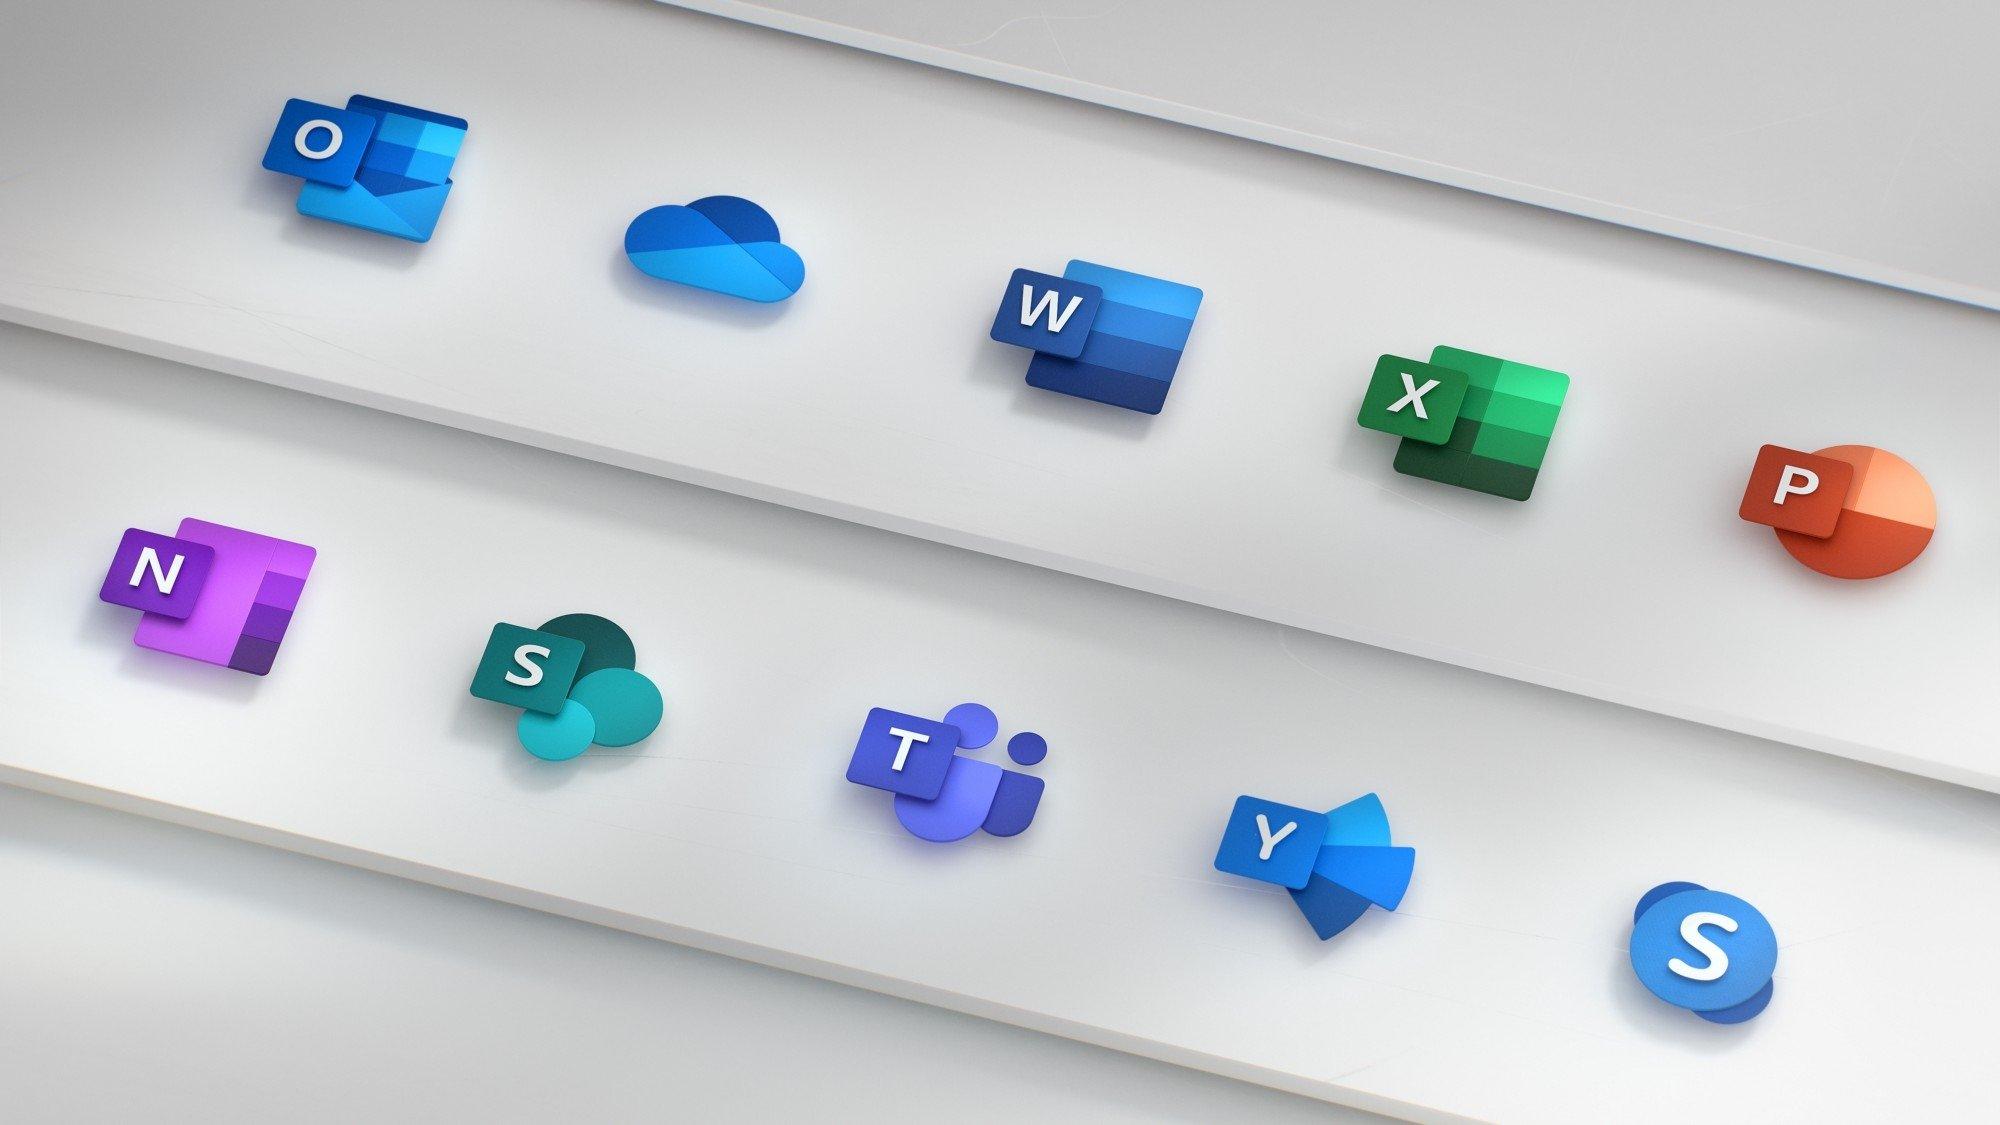 Windows 10 office icones